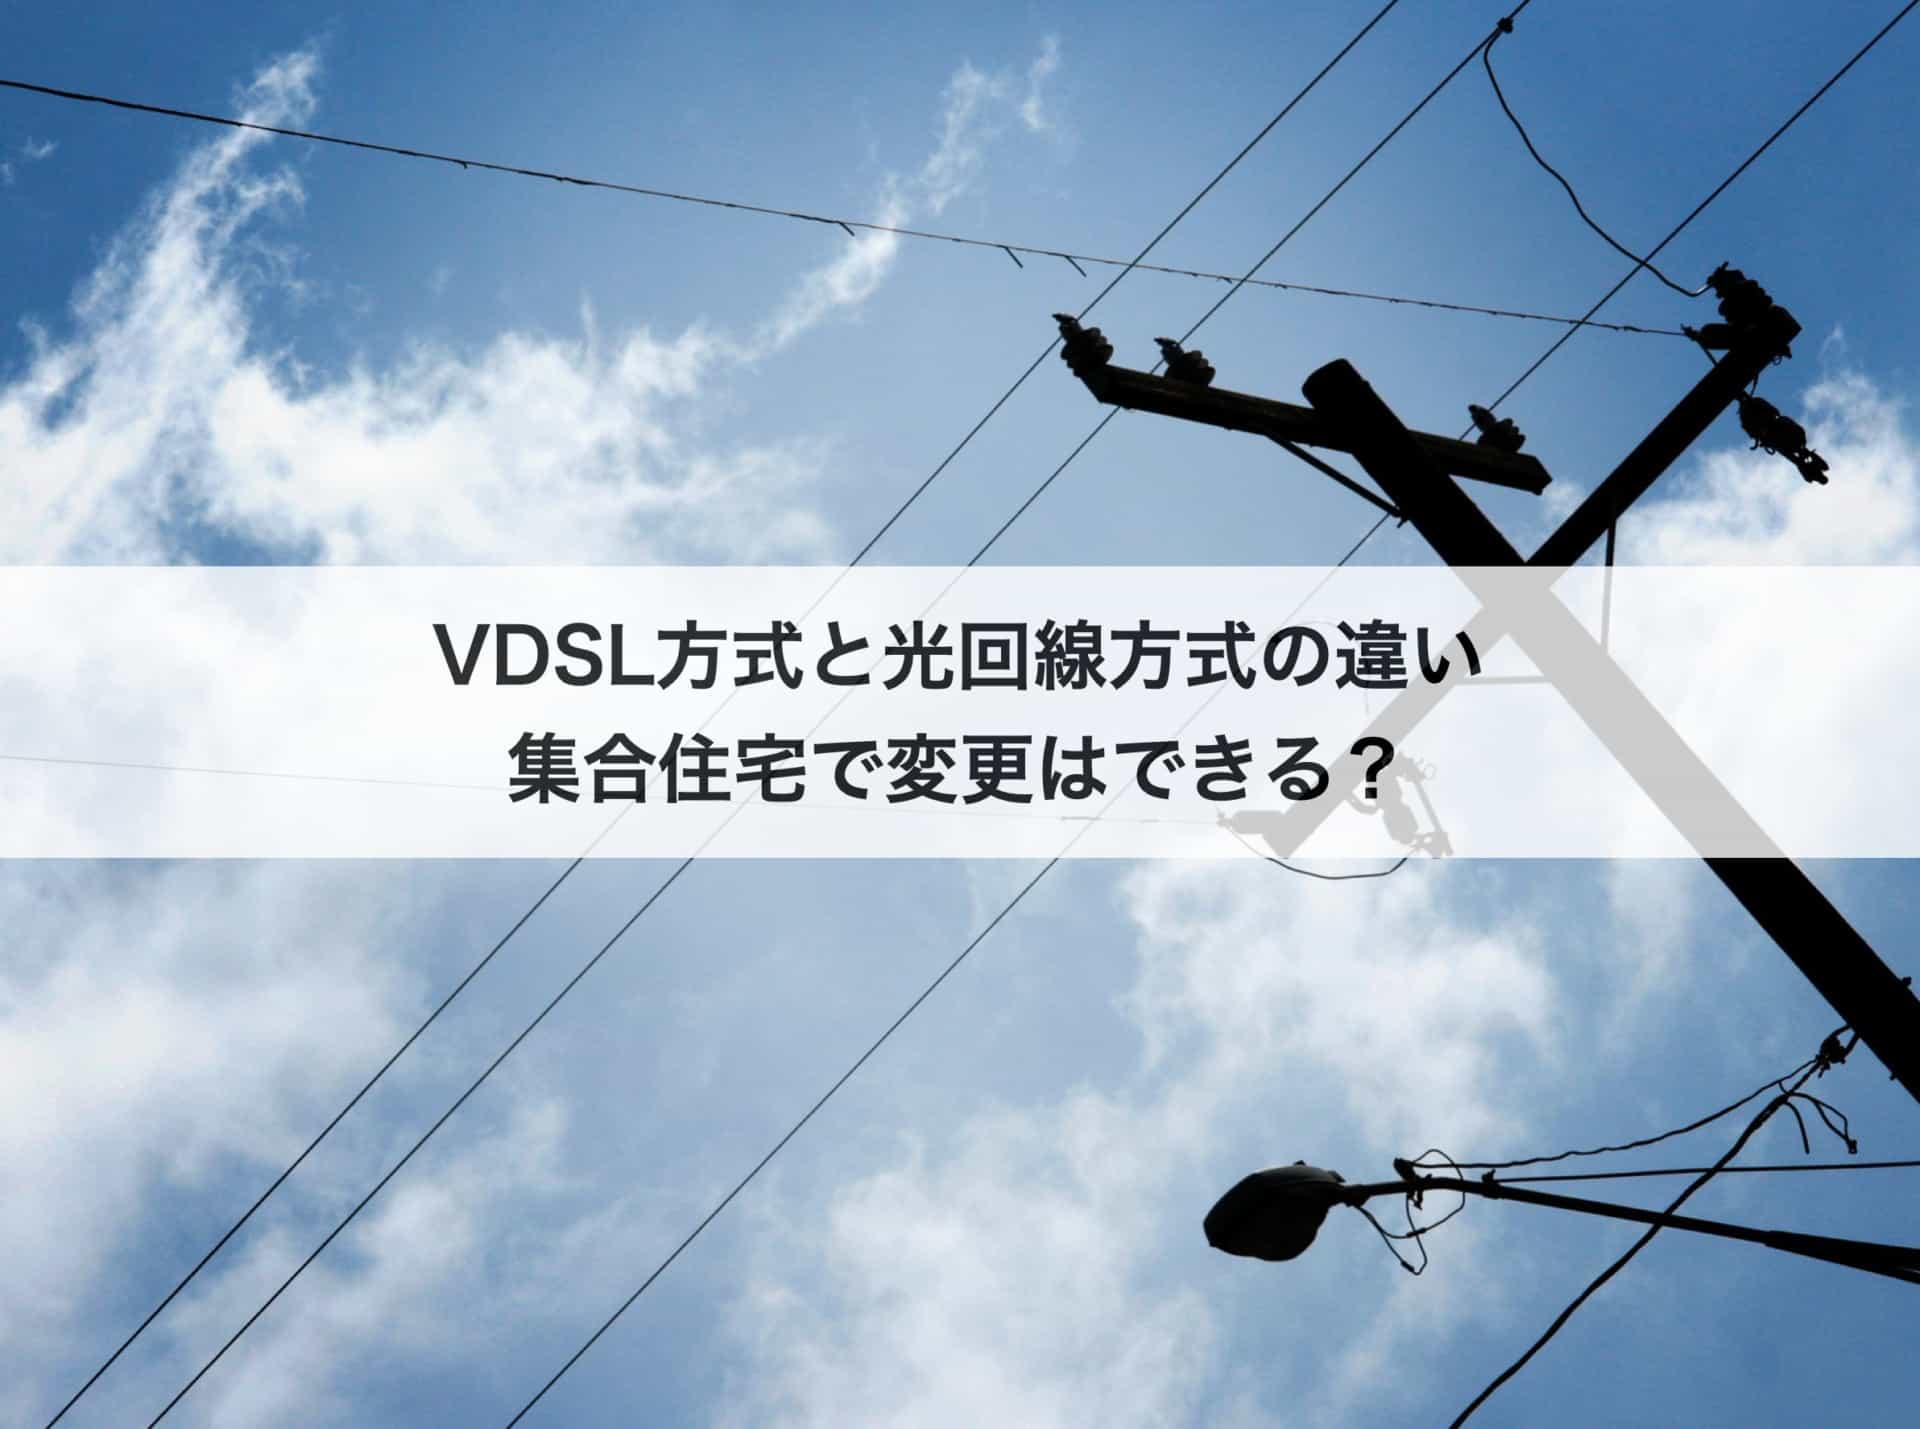 VDSL方式と光回線方式の違い 集合住宅で変更はできる?高速化方法も紹介!